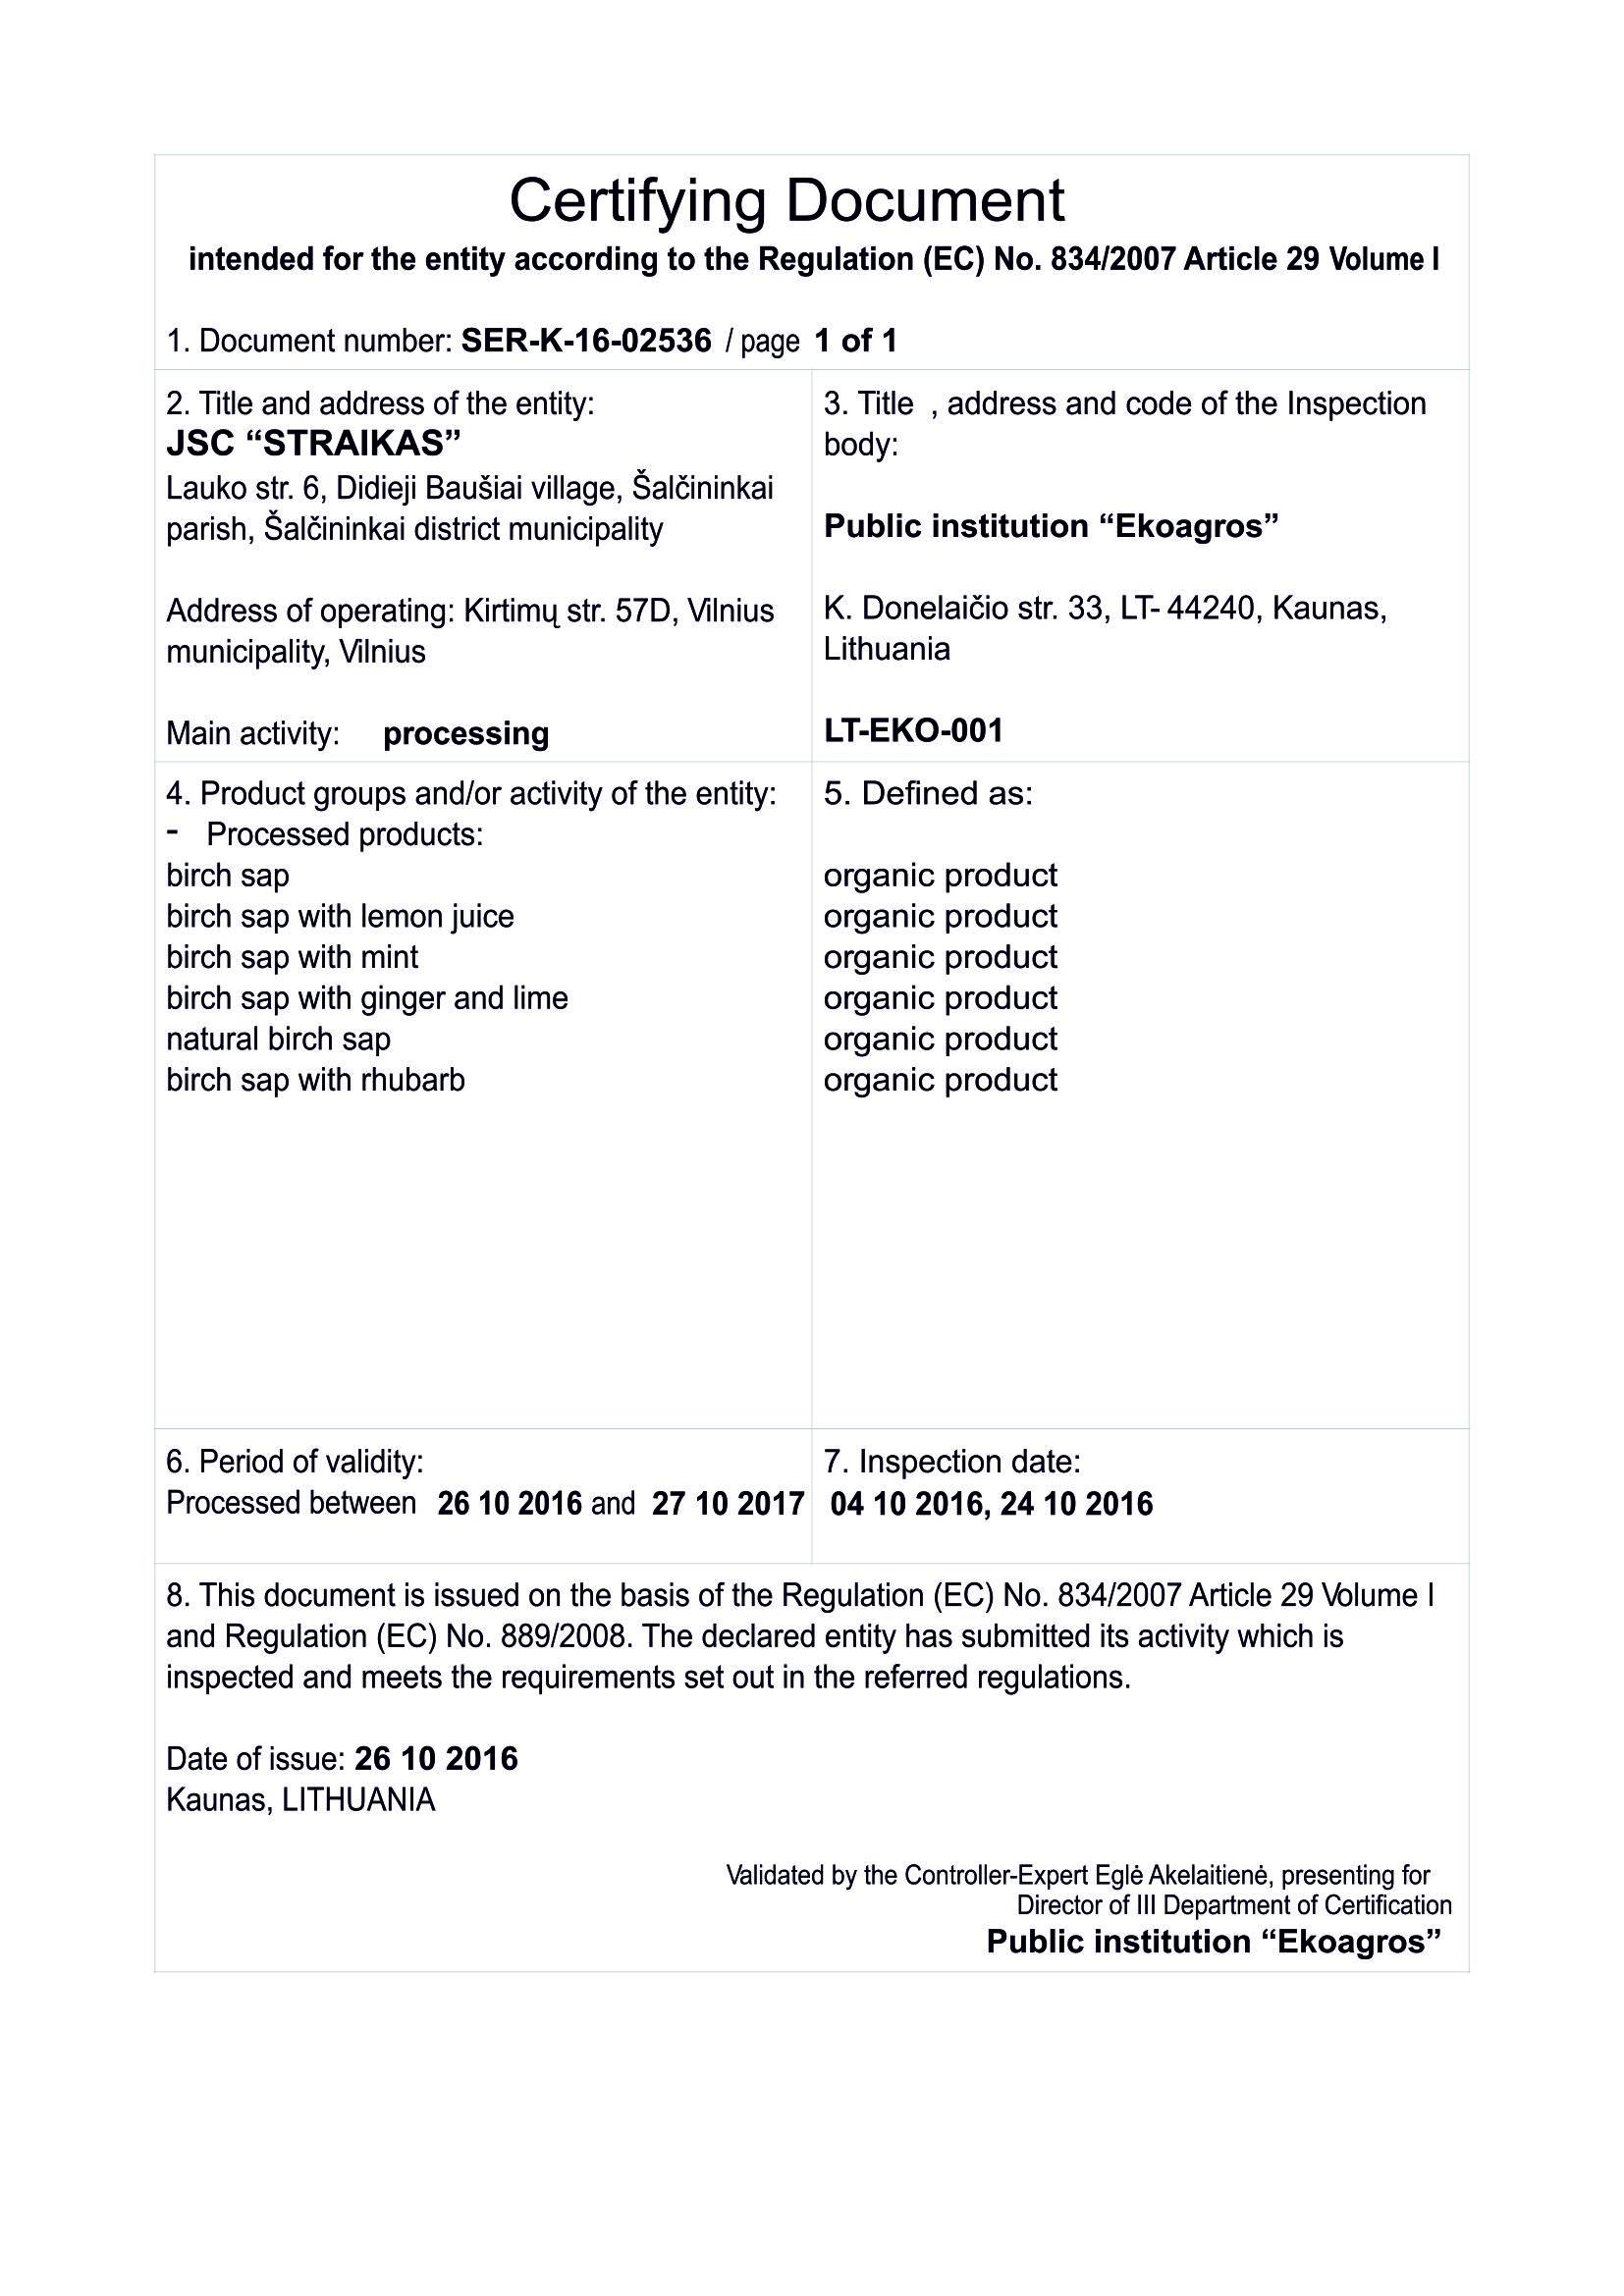 eko agros sertifikatas2017